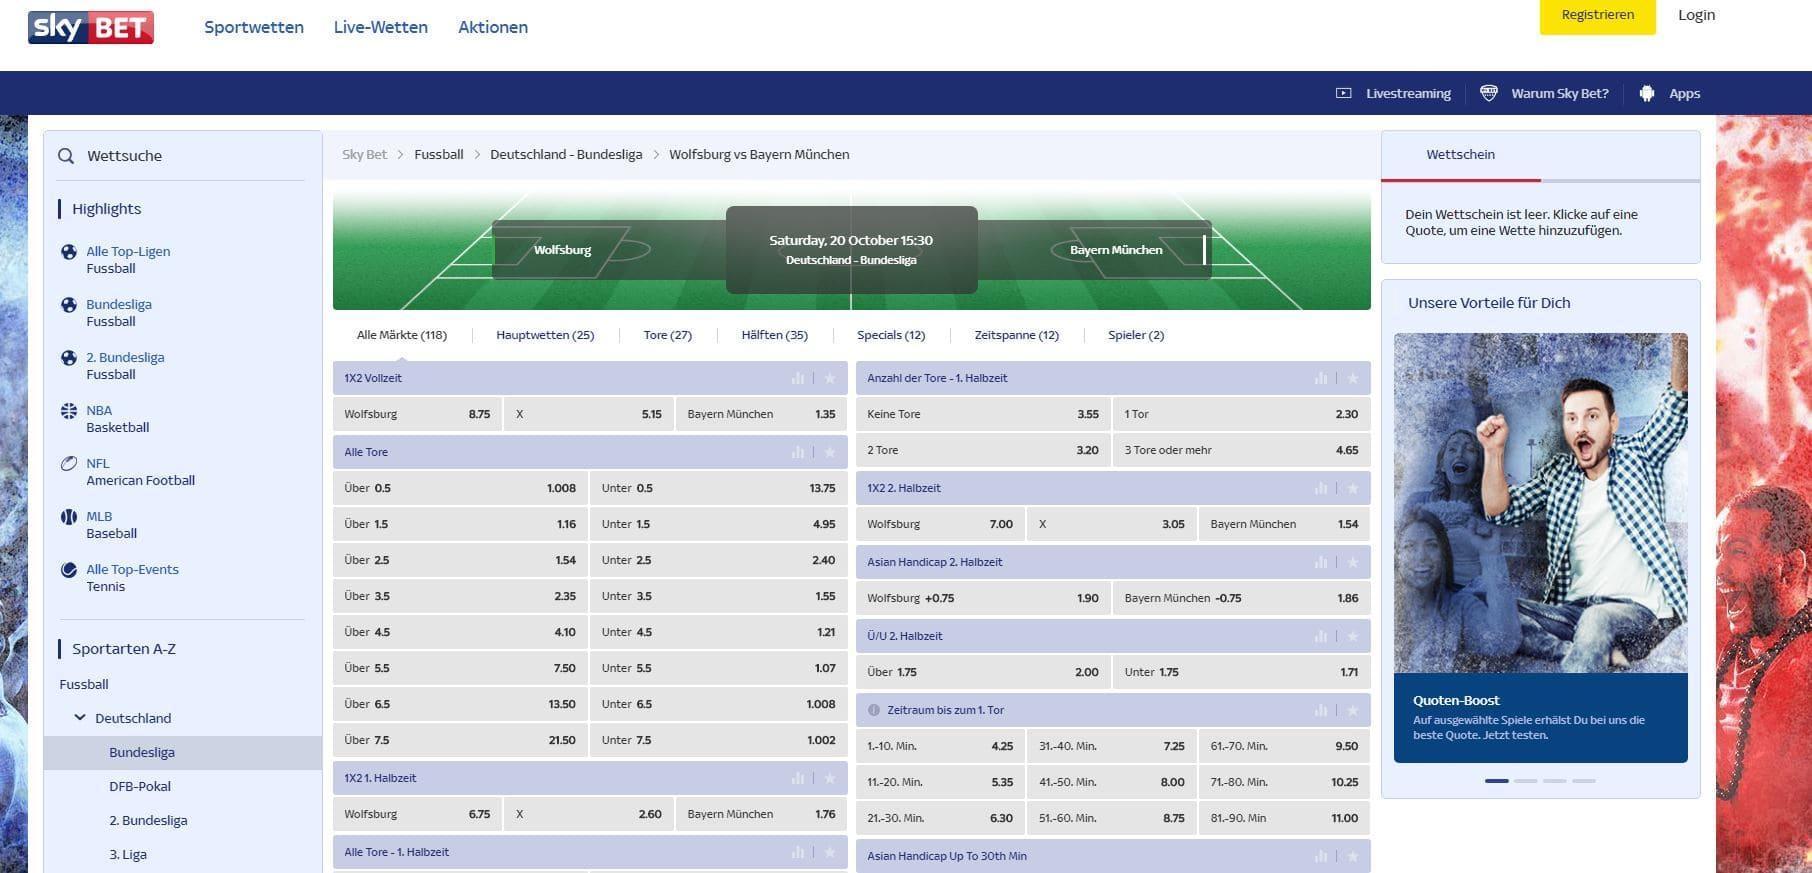 Skybet Wettausauswahl Sky Bet Startseite Erfahrungen Sportwetttentest ueber unter sportwetten